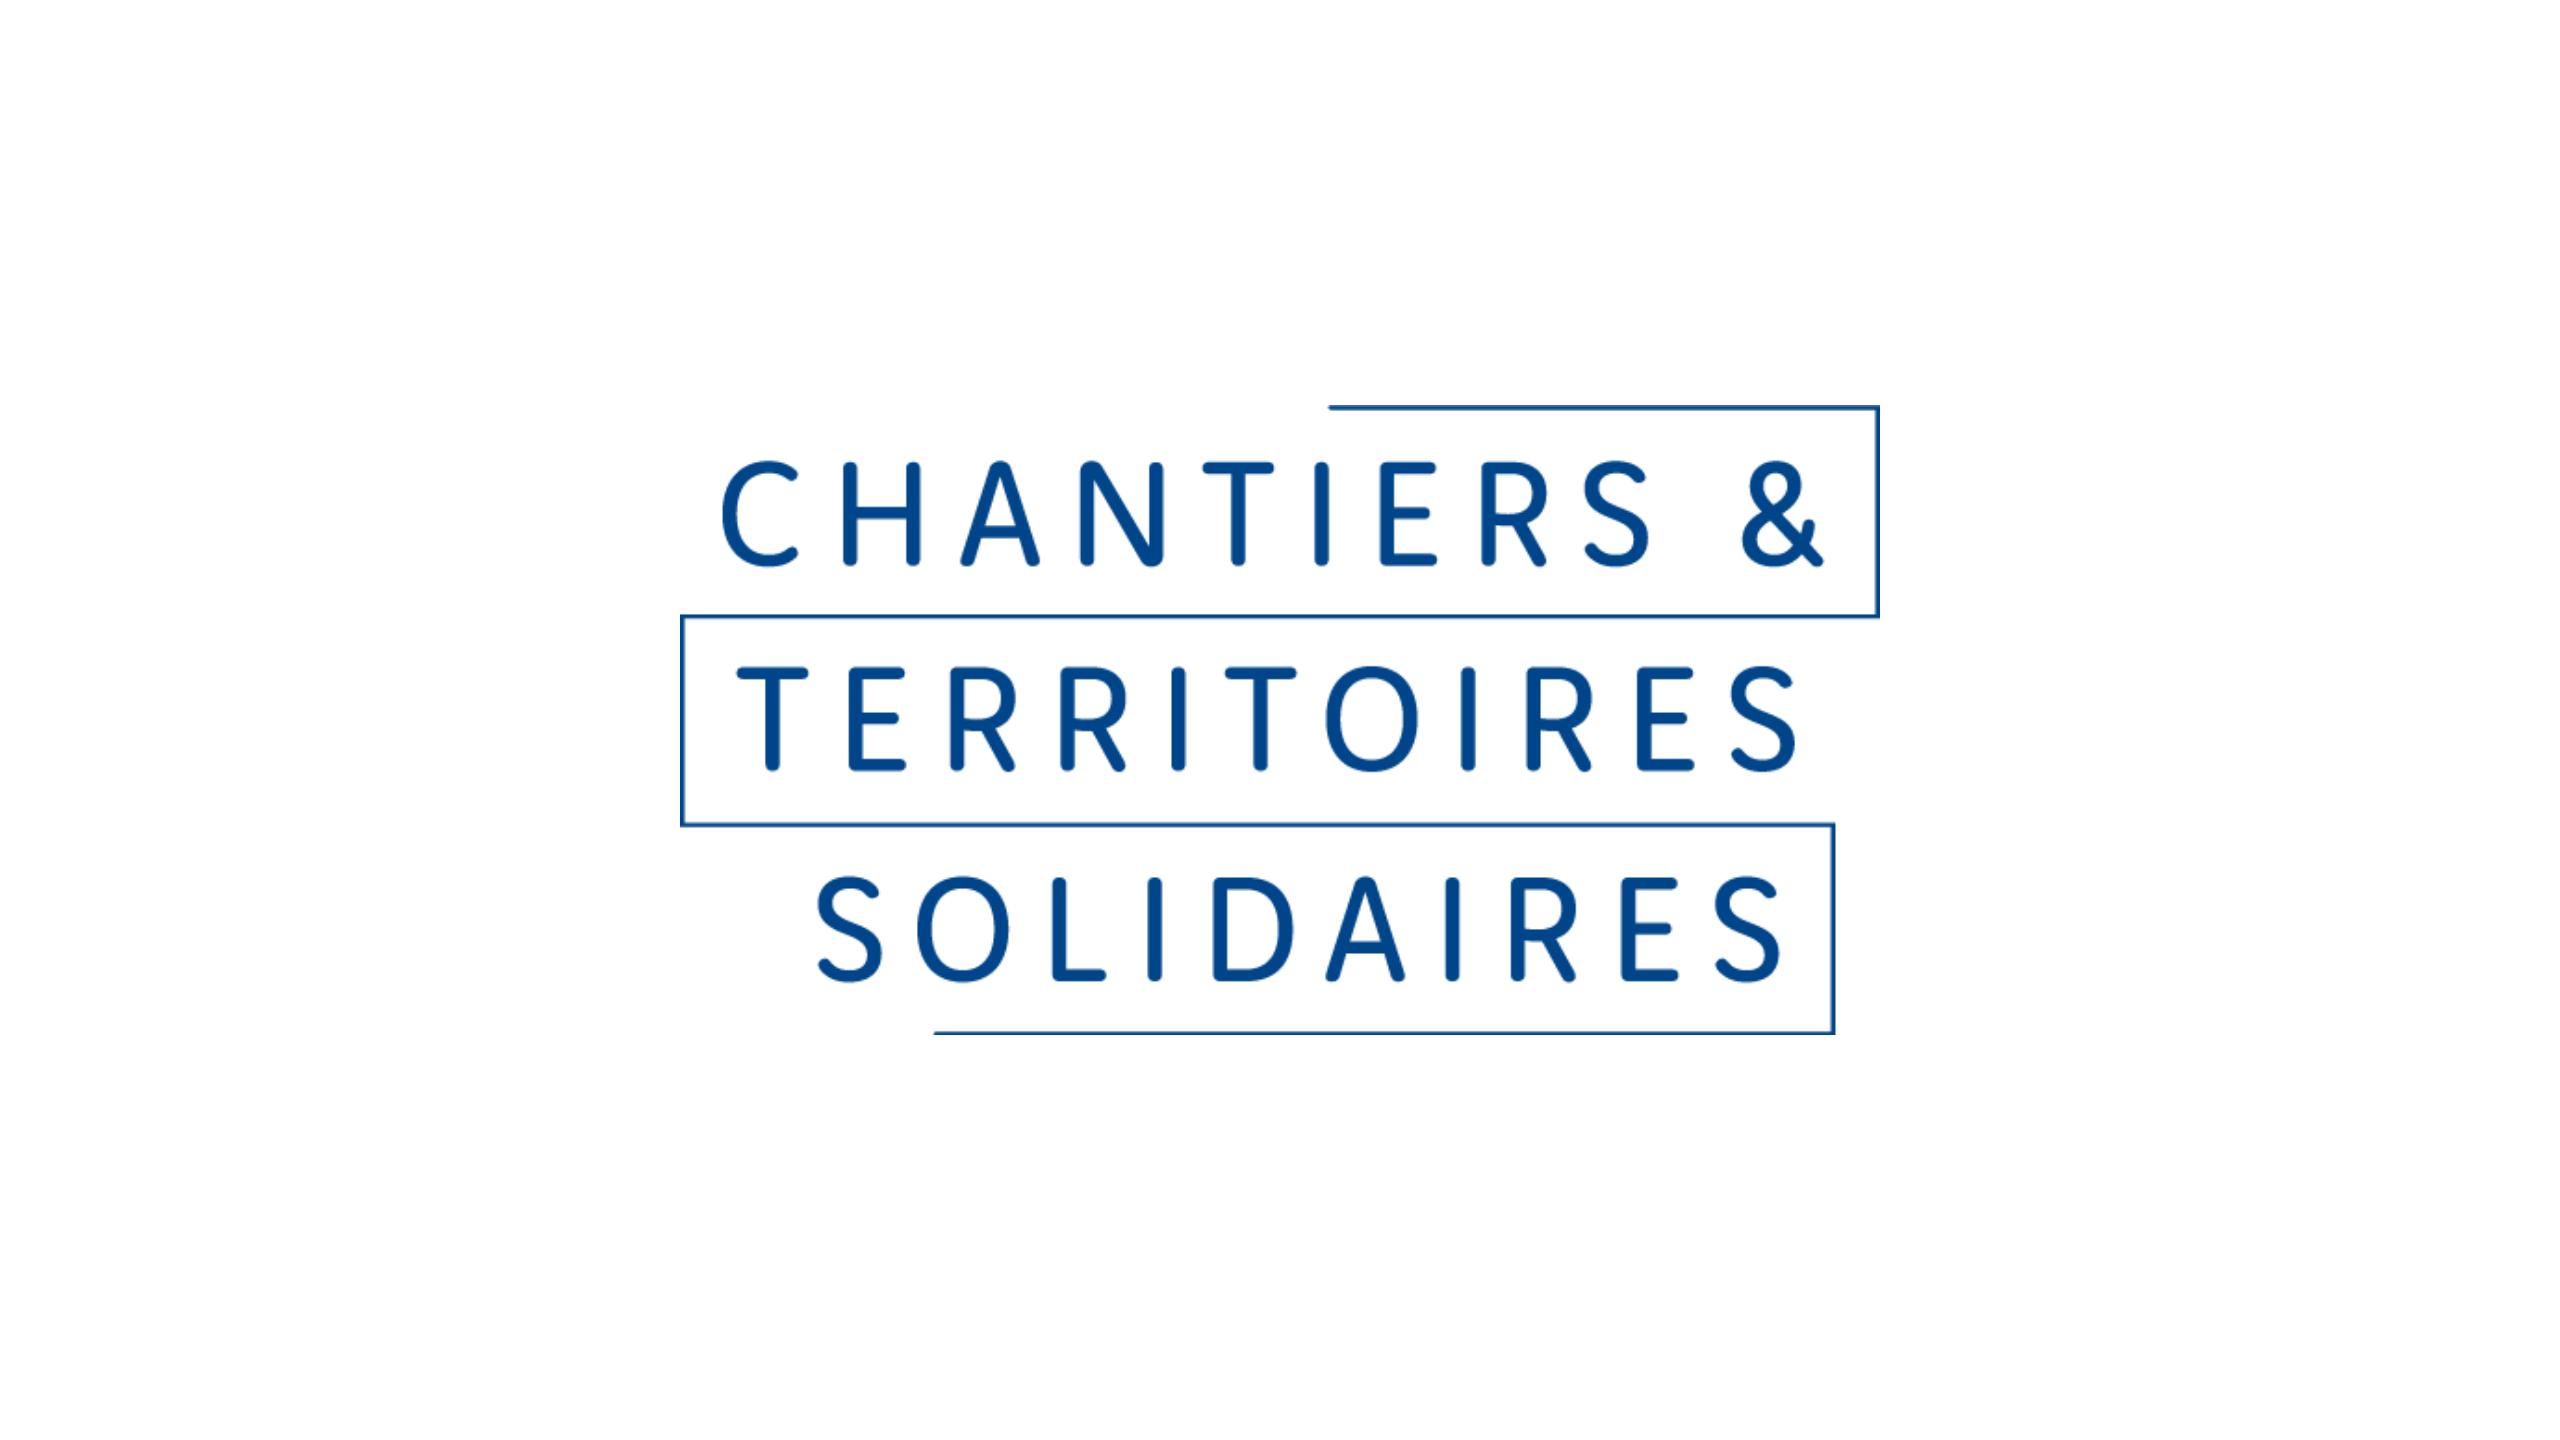 Chantiers & Territoires Solidaires